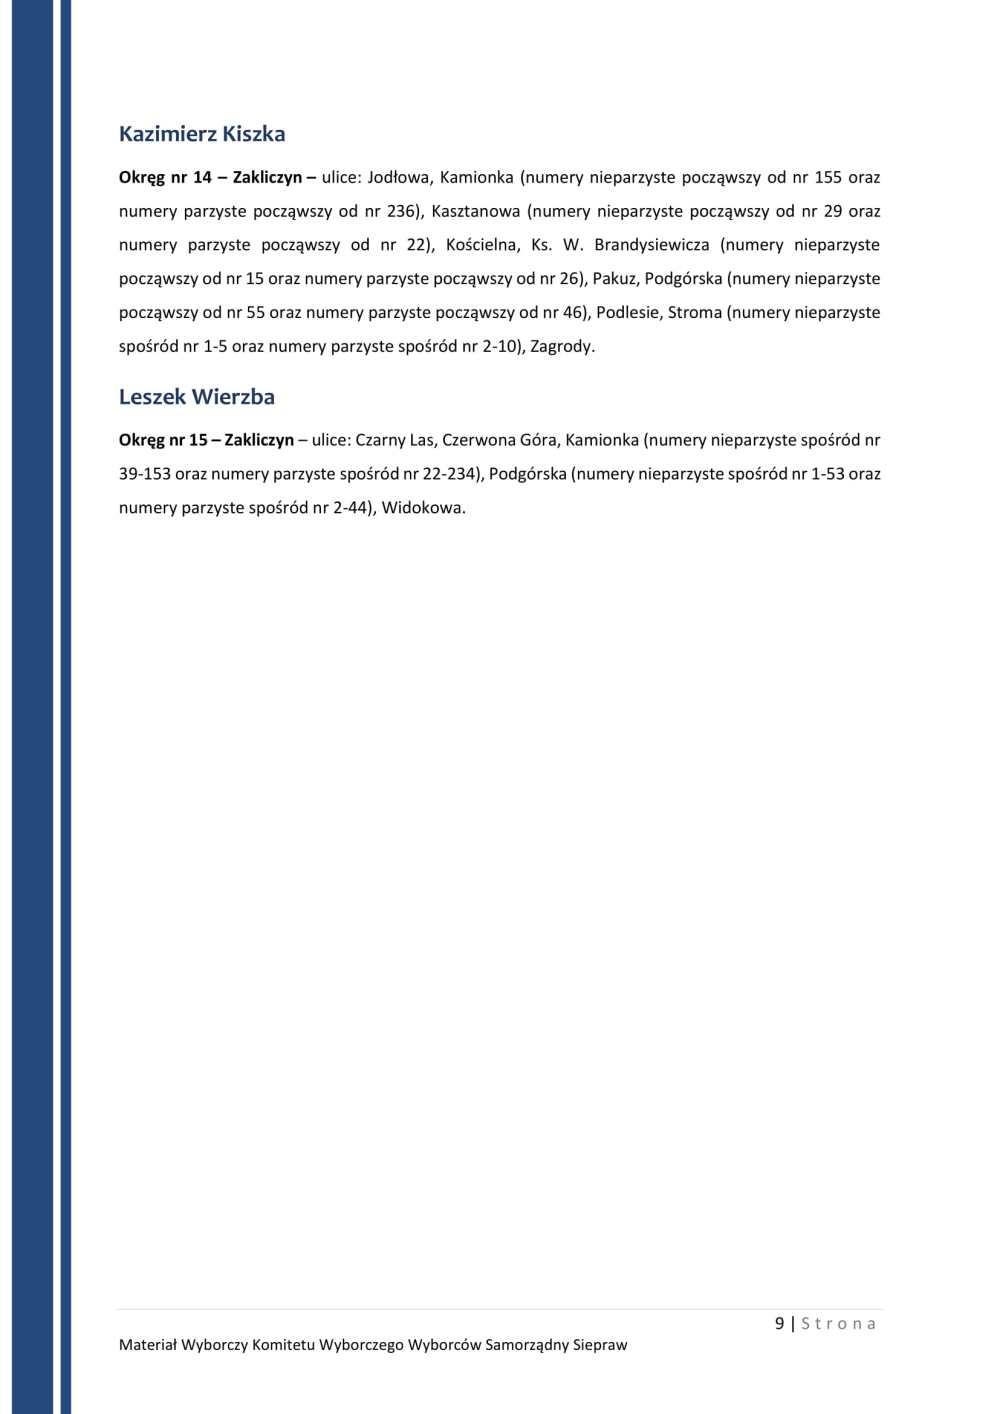 PROGRAM-WYBORCZY-KWW-SAMORZĄDNY-SIEPRAW-10